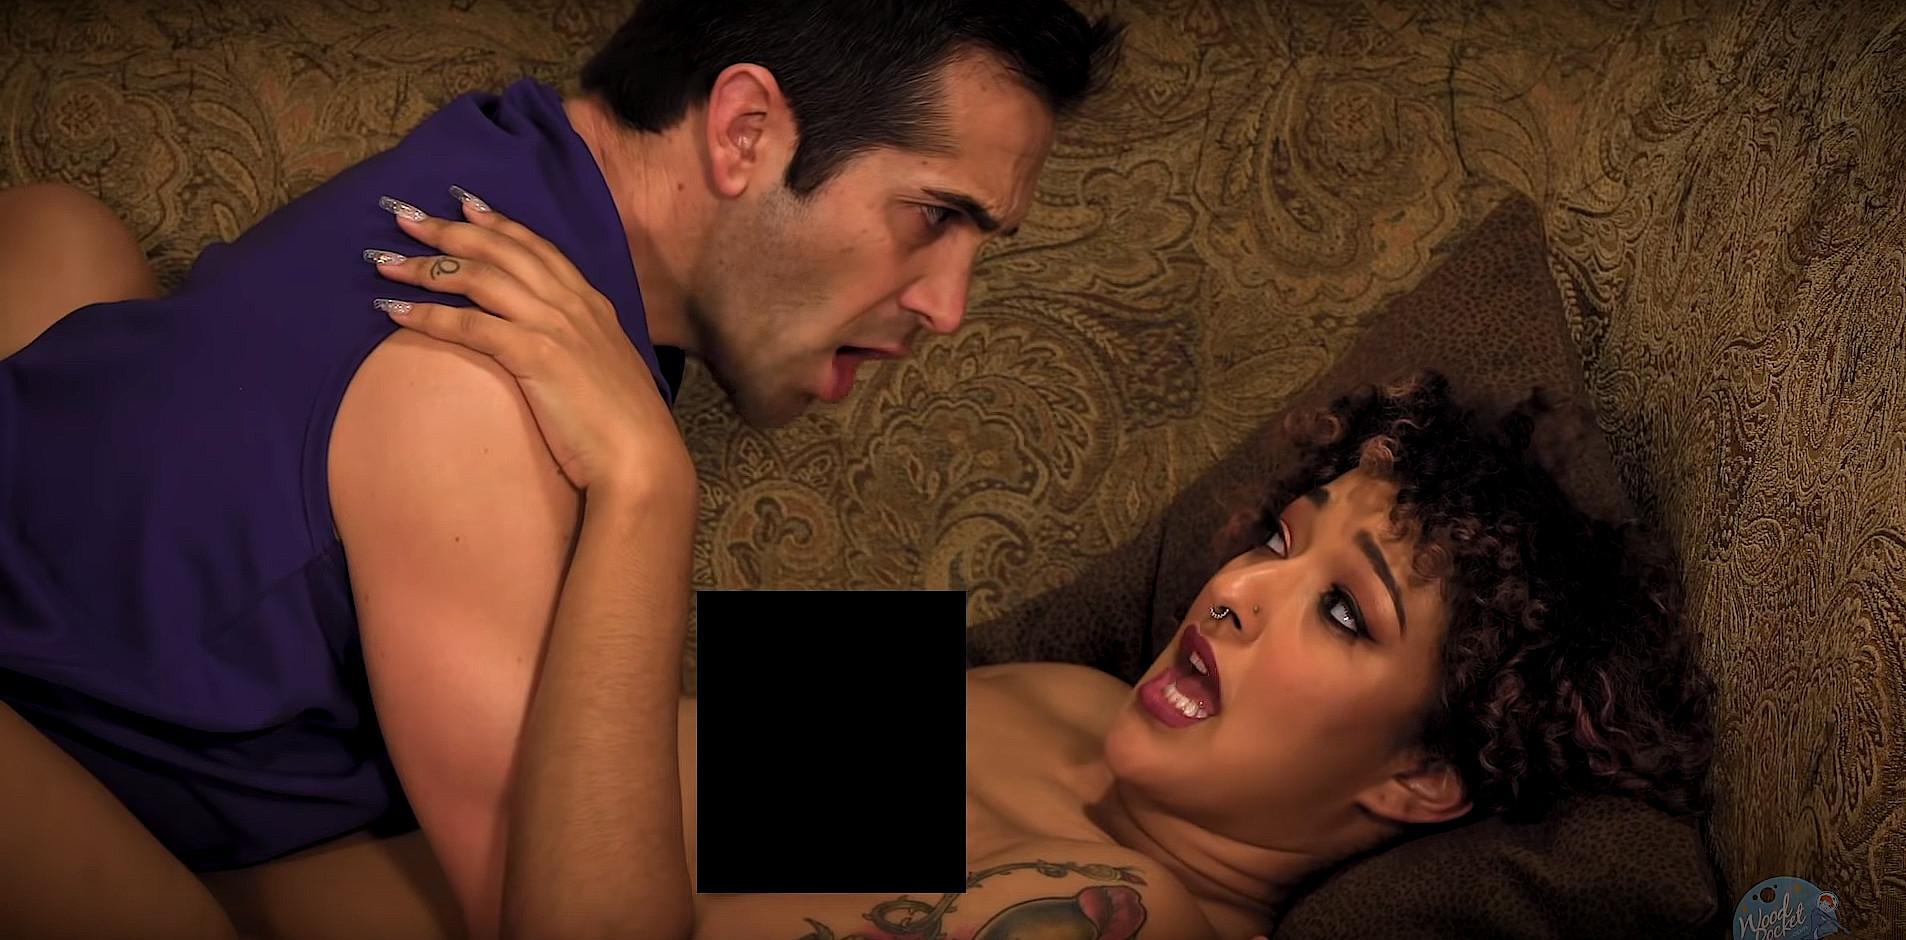 Todellisuus Kings porno mainos